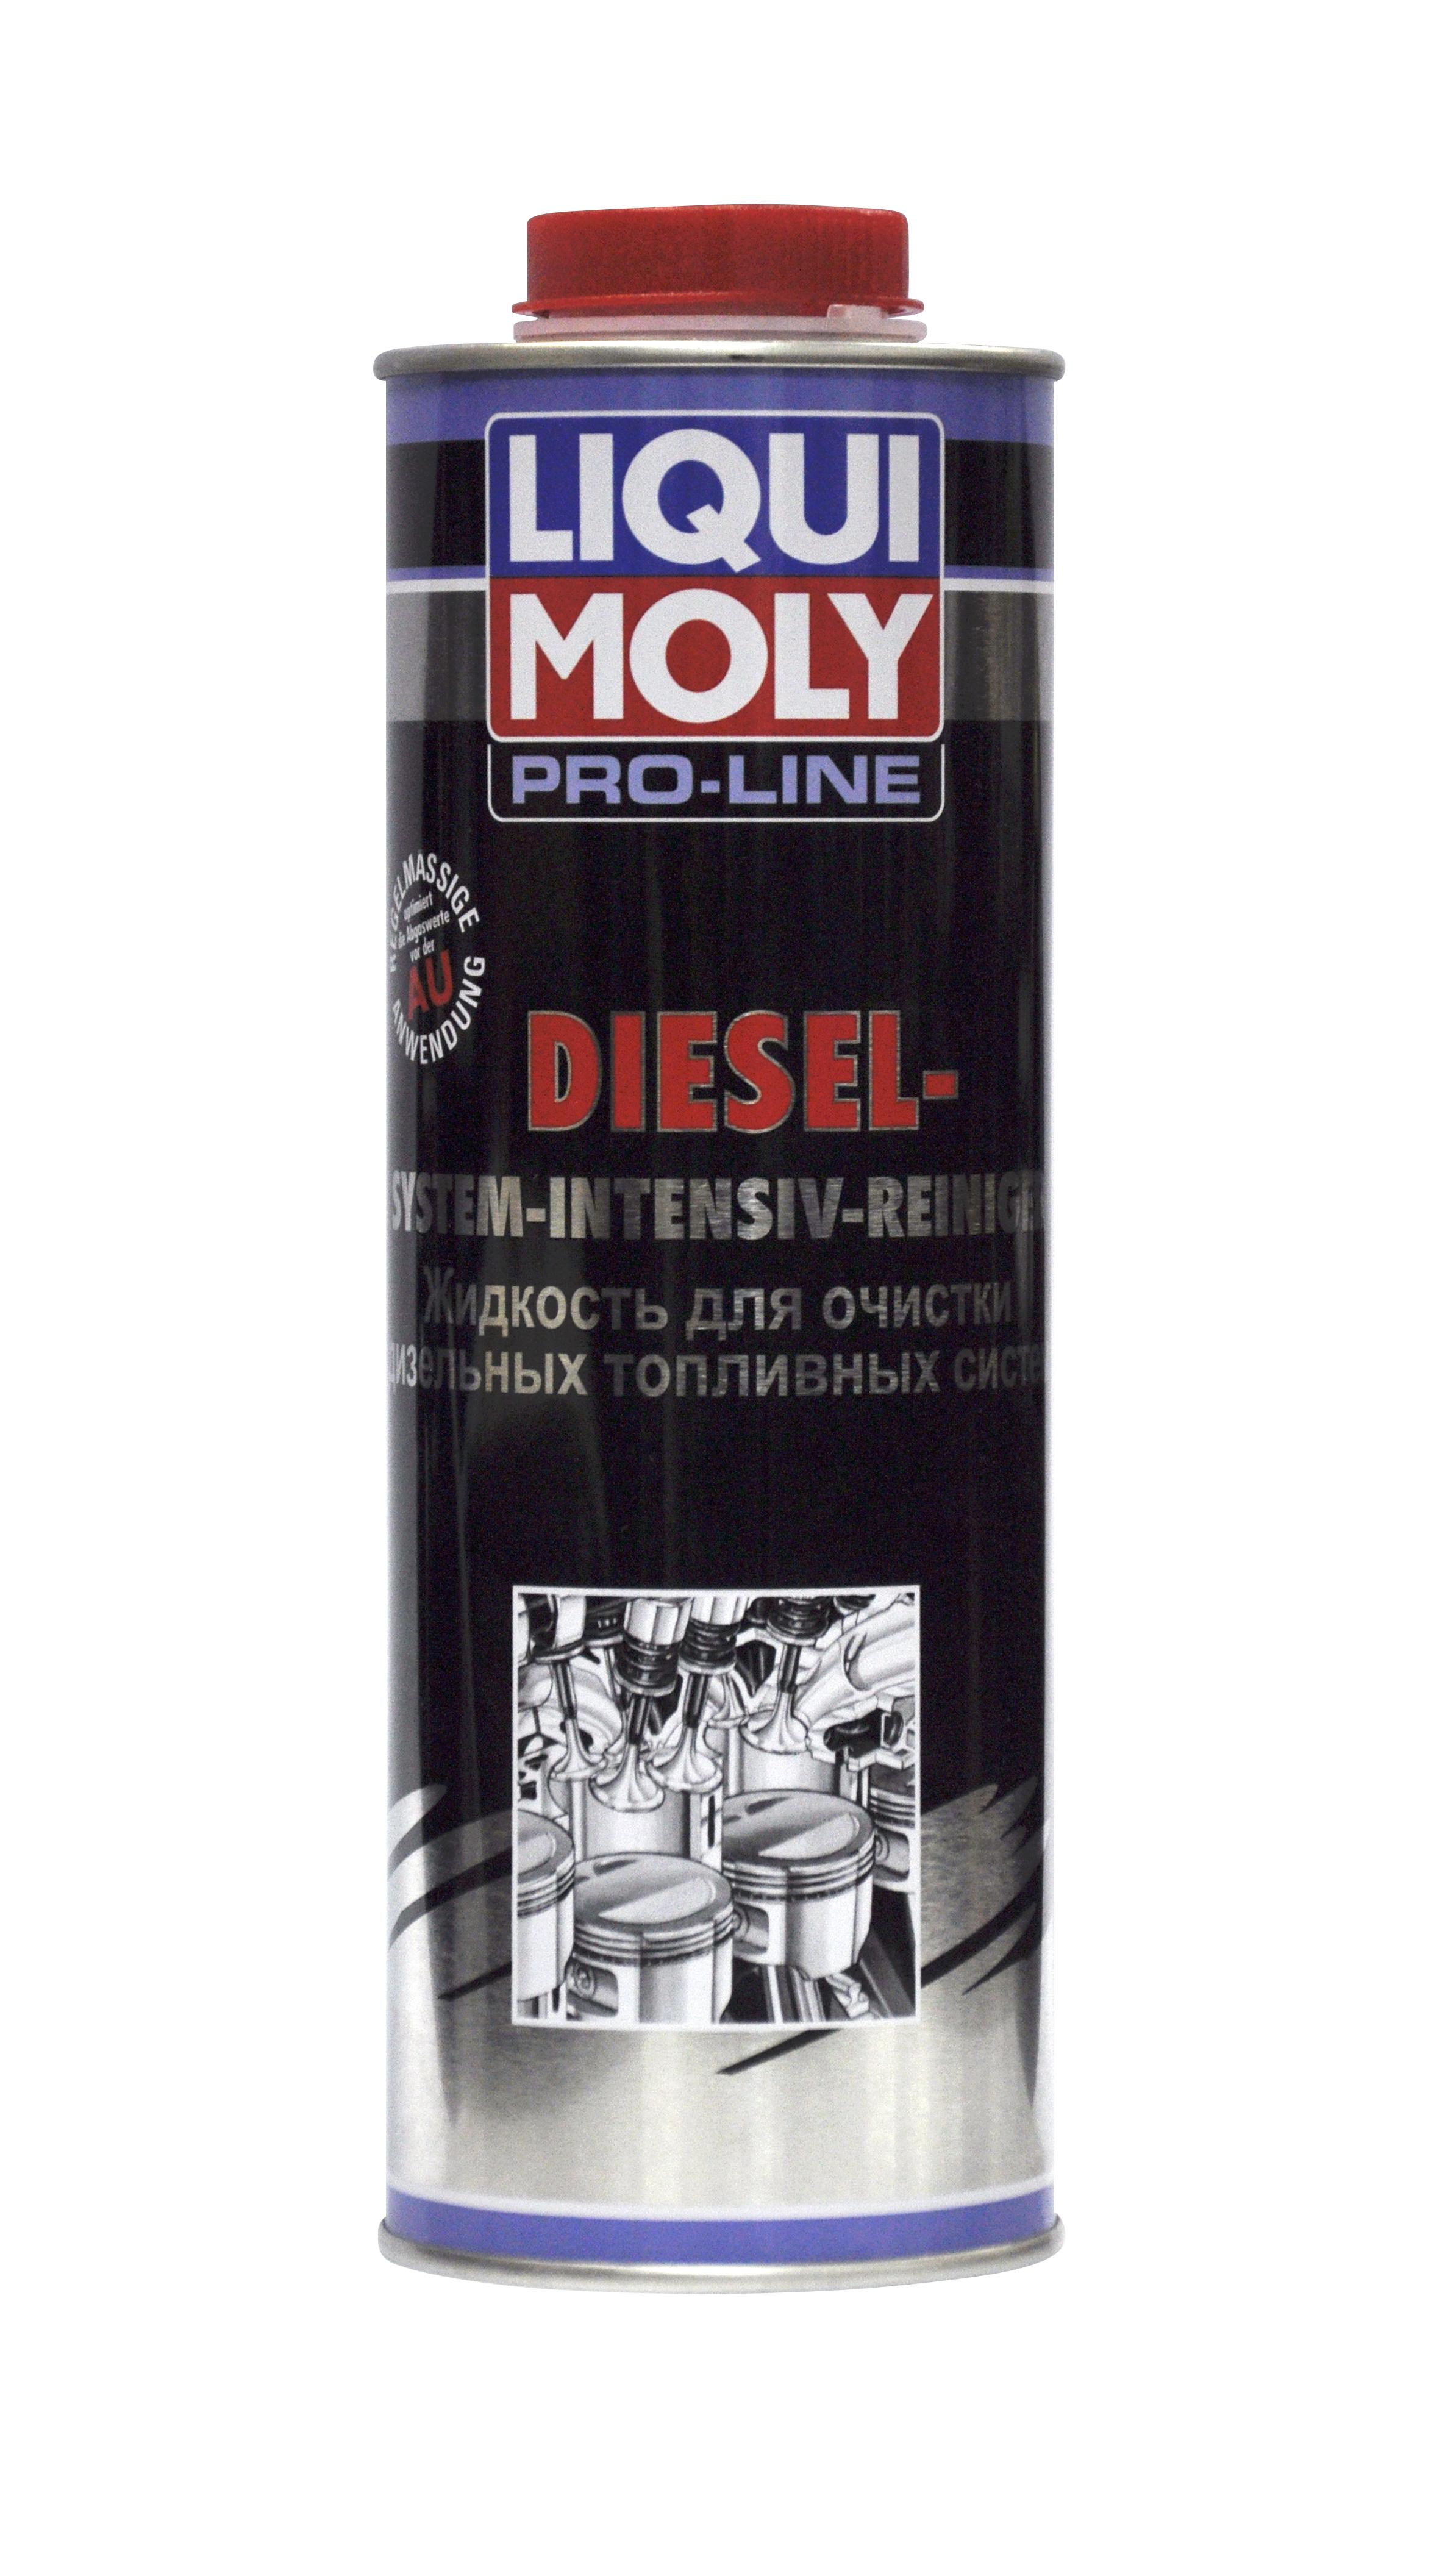 Жидкость для очистки дизельных топливных систем Pro-Line JetClean Diesel-System-Reiniger